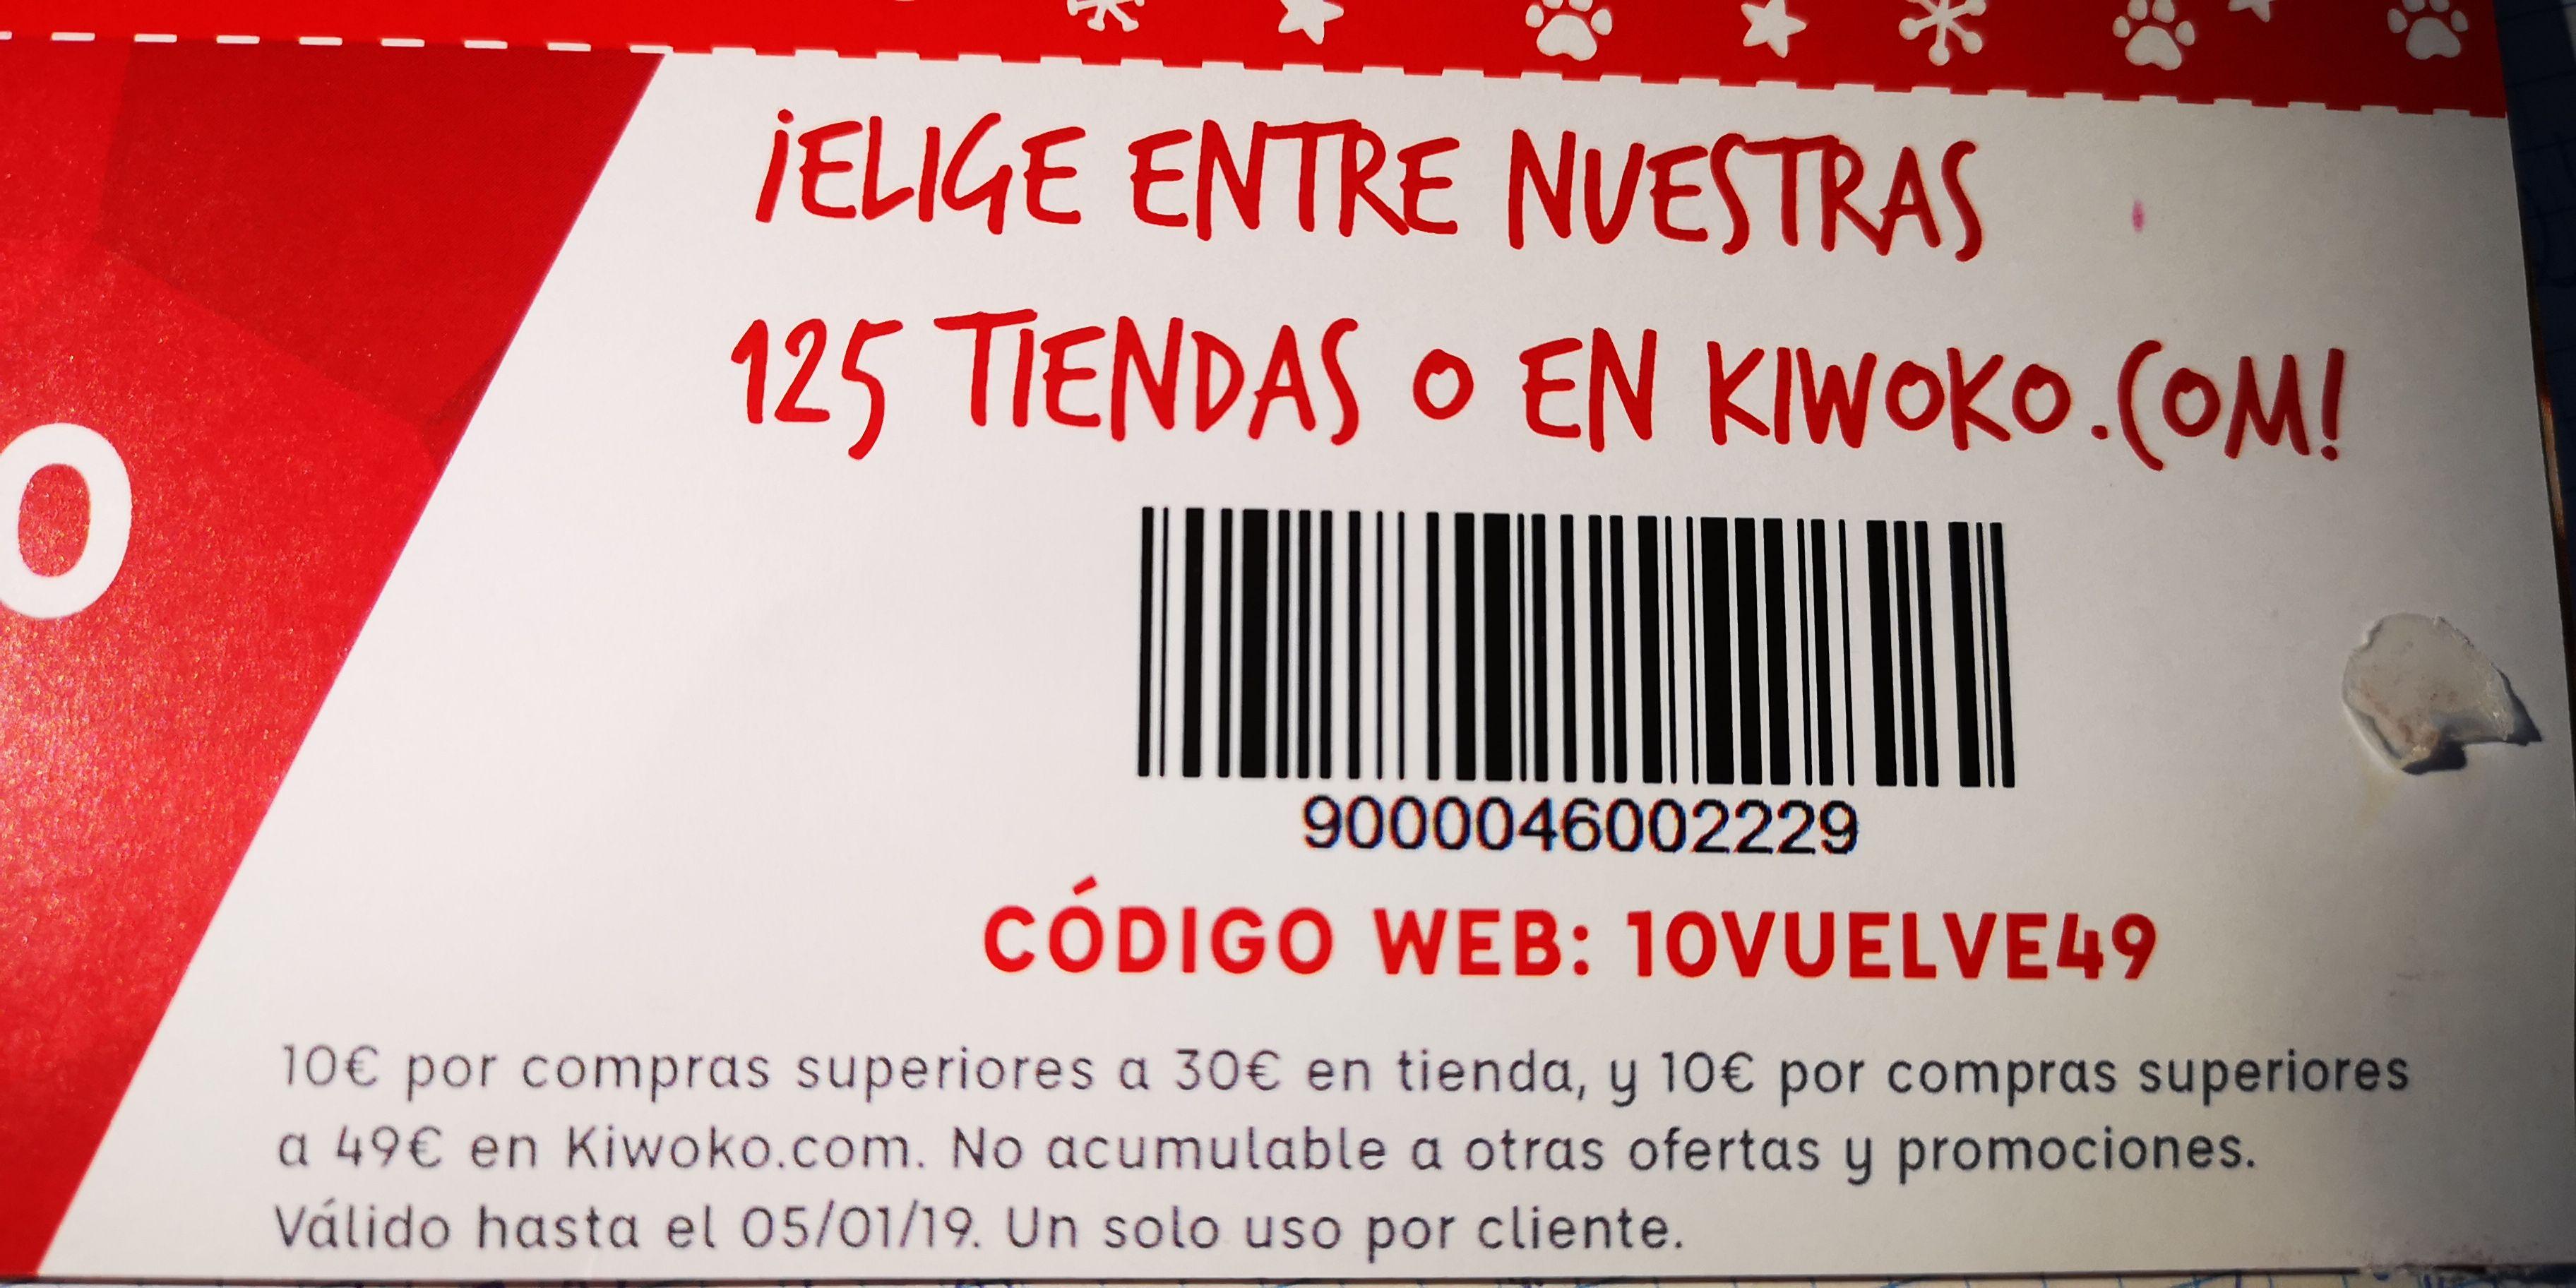 10€ de descuento en Kiwoko